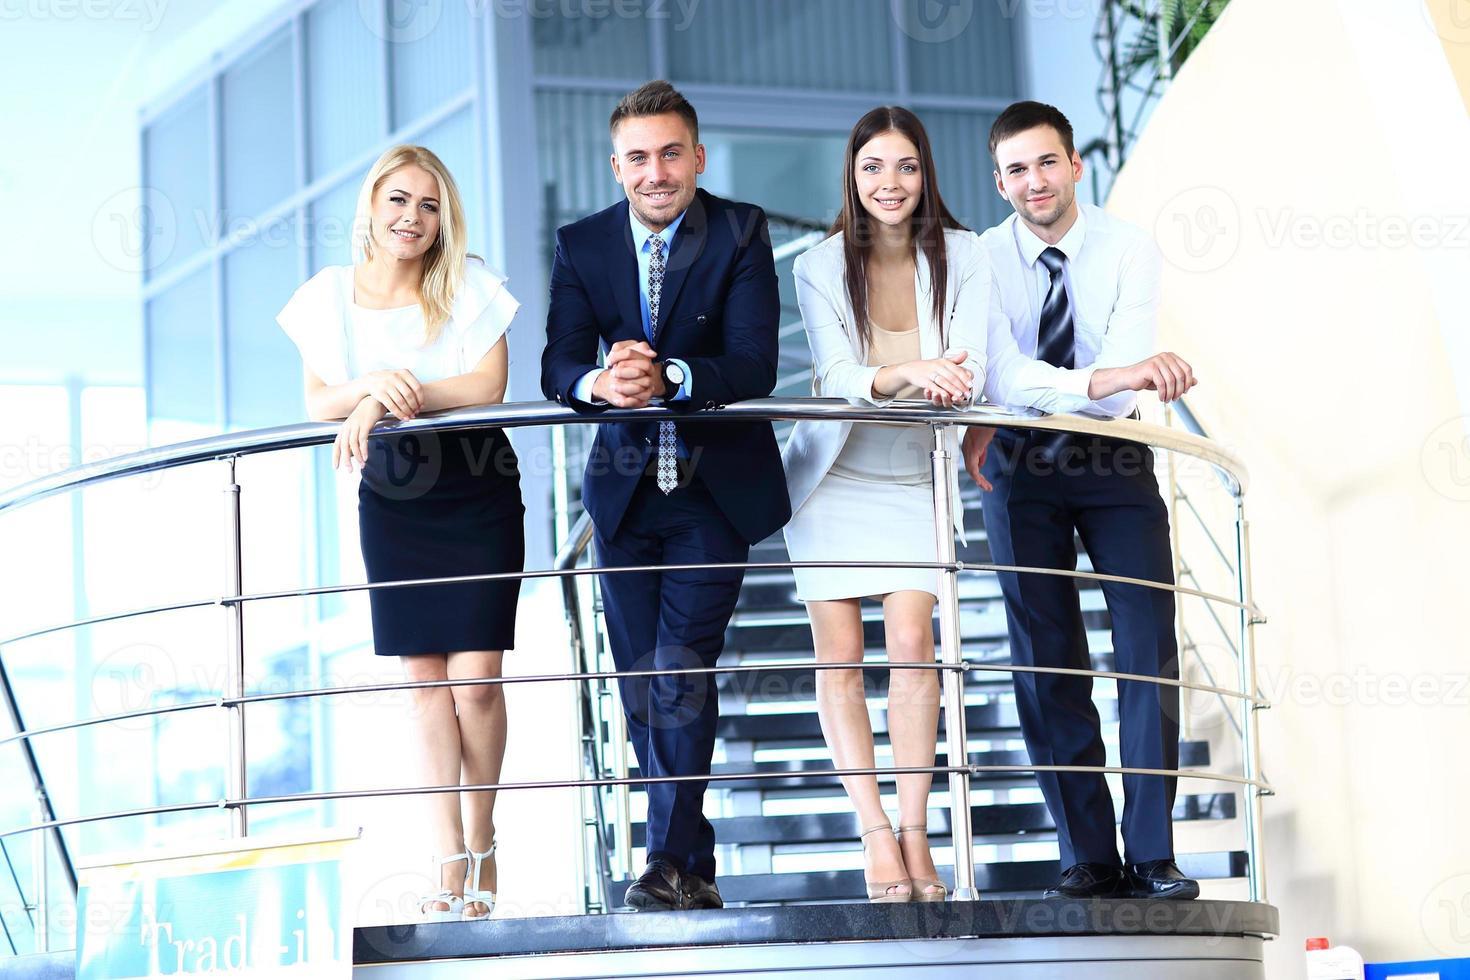 portret van positieve business group foto